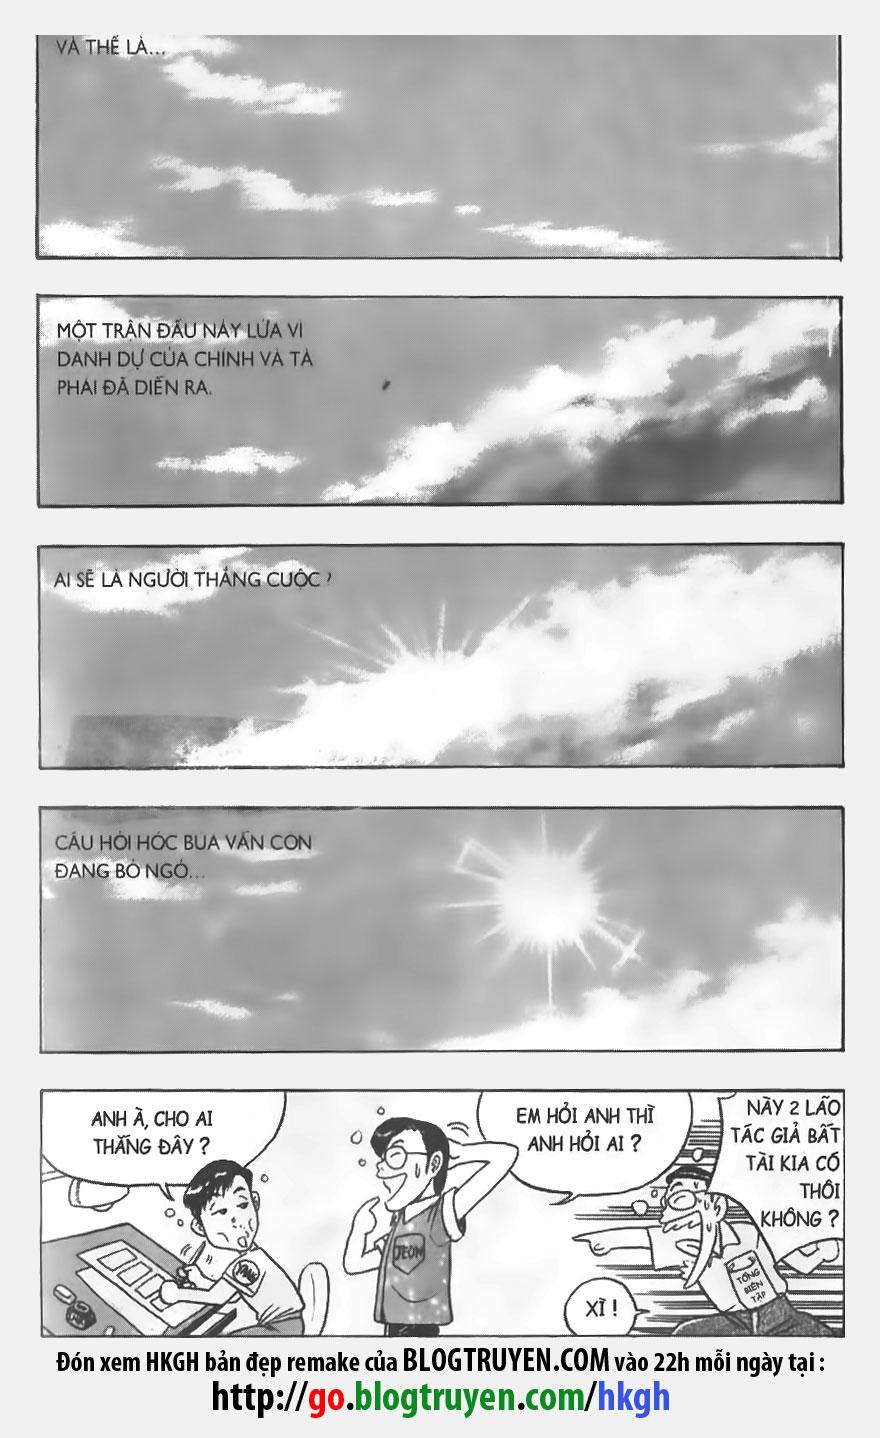 xem truyen moi - Hiệp Khách Giang Hồ Vol09 - Chap 056 - Remake